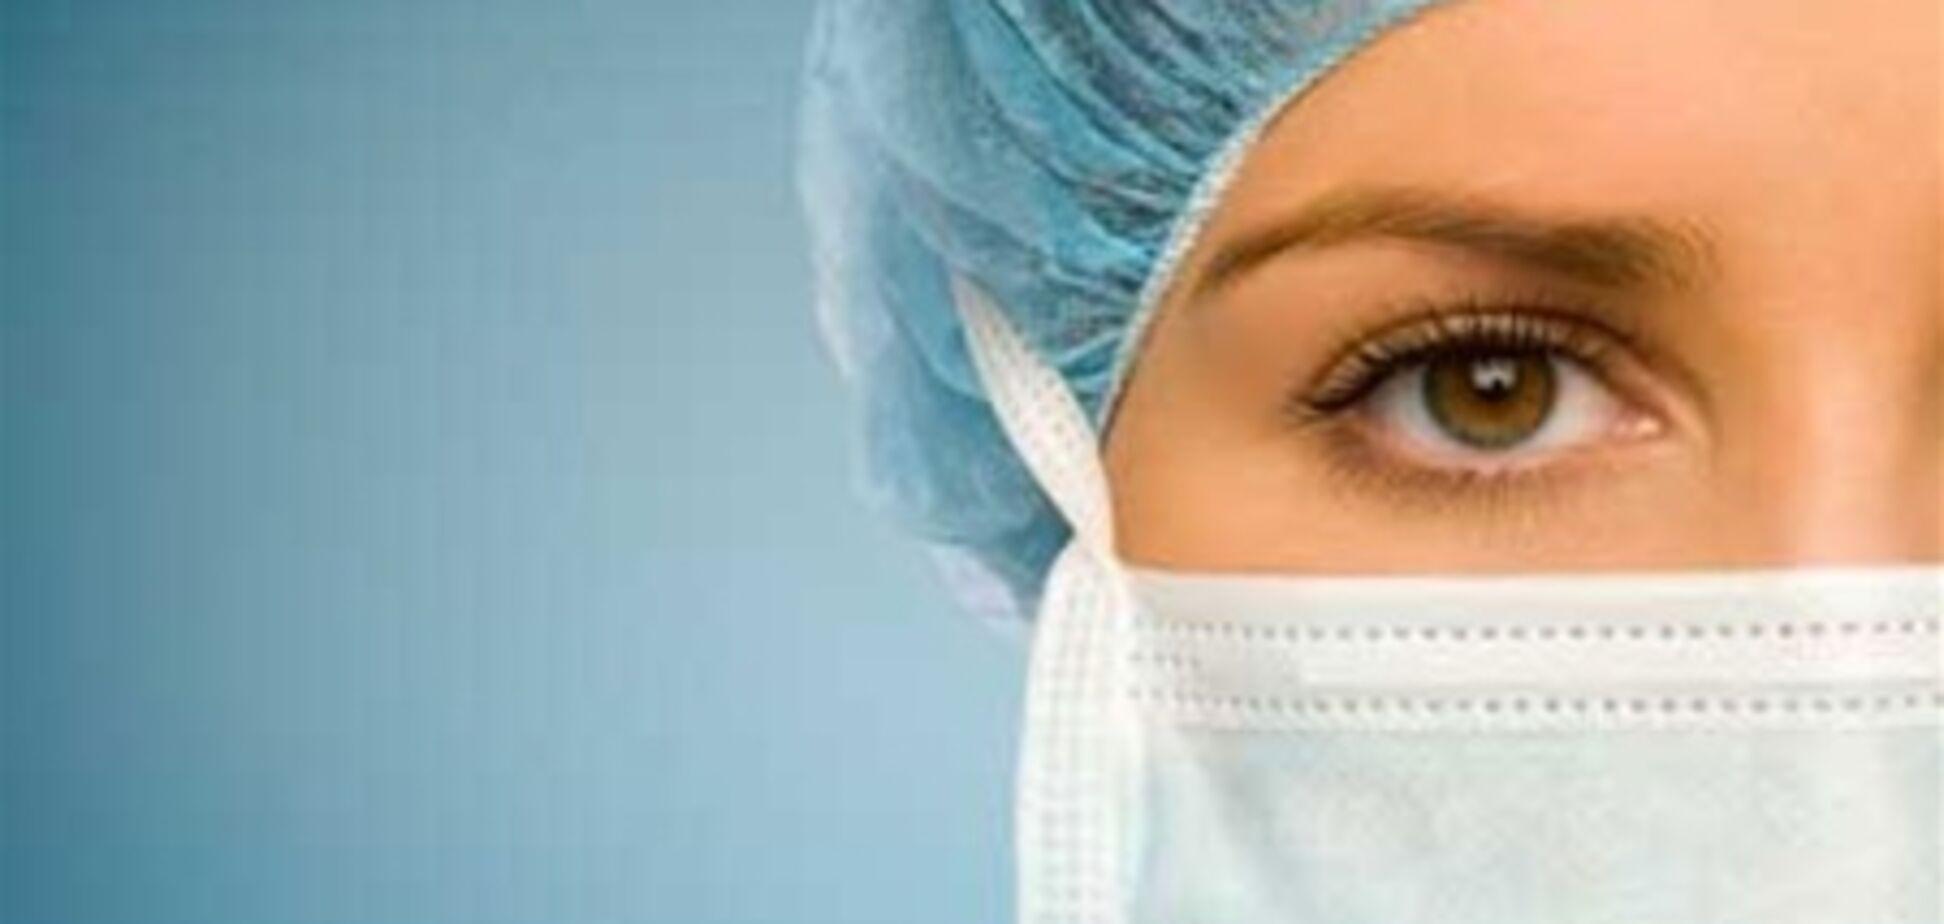 Более миллиона украинцев инфицированы гепатитом С